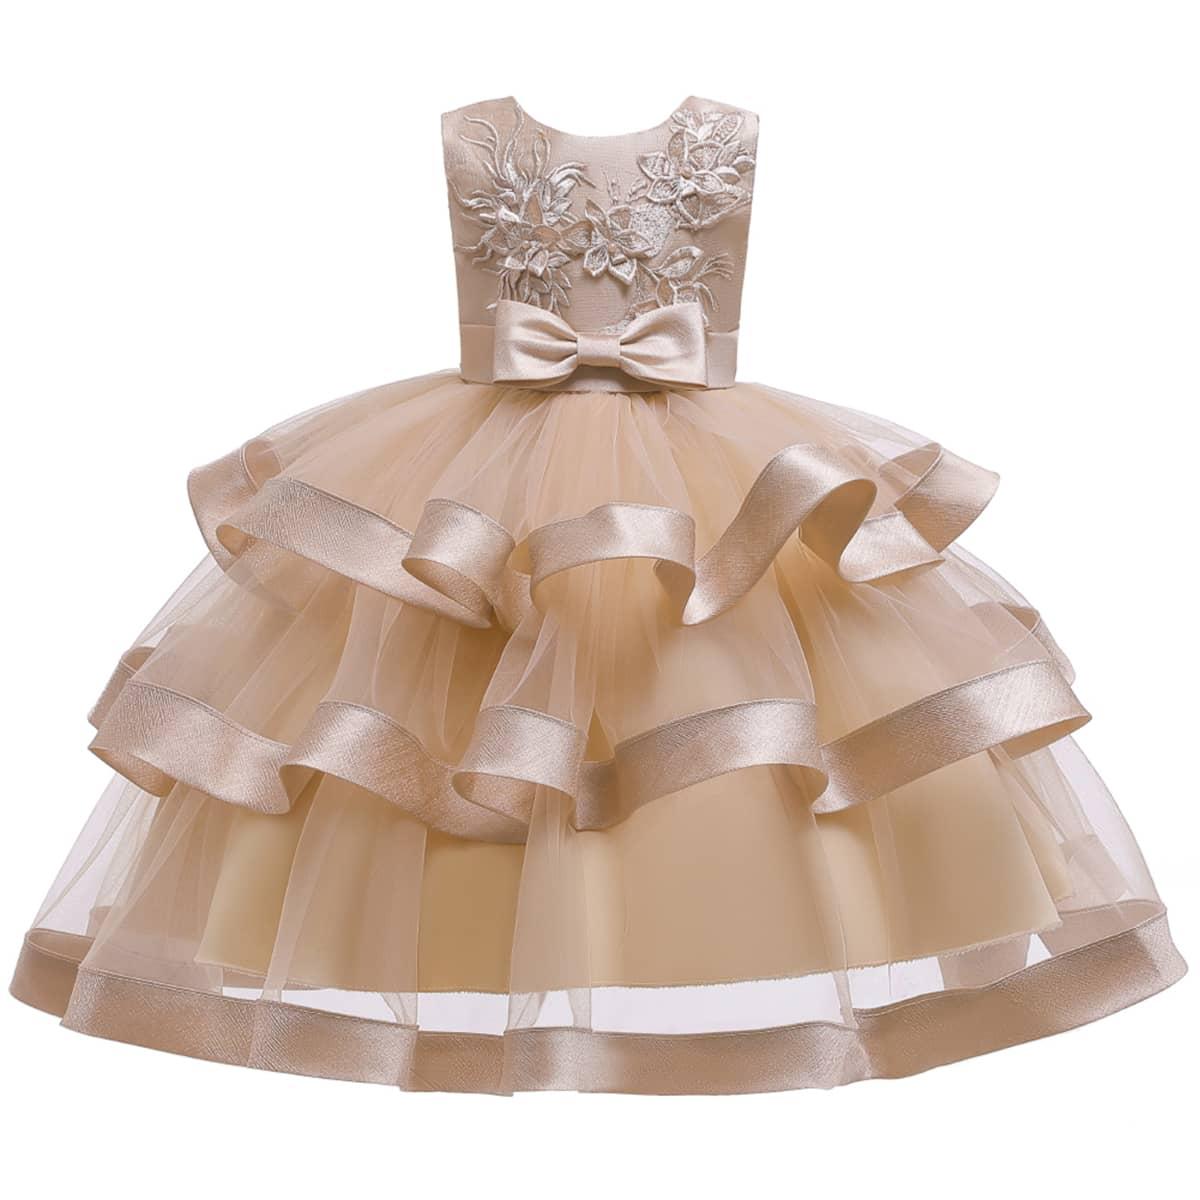 Многослойное платье с бантом и вышивкой для девочек